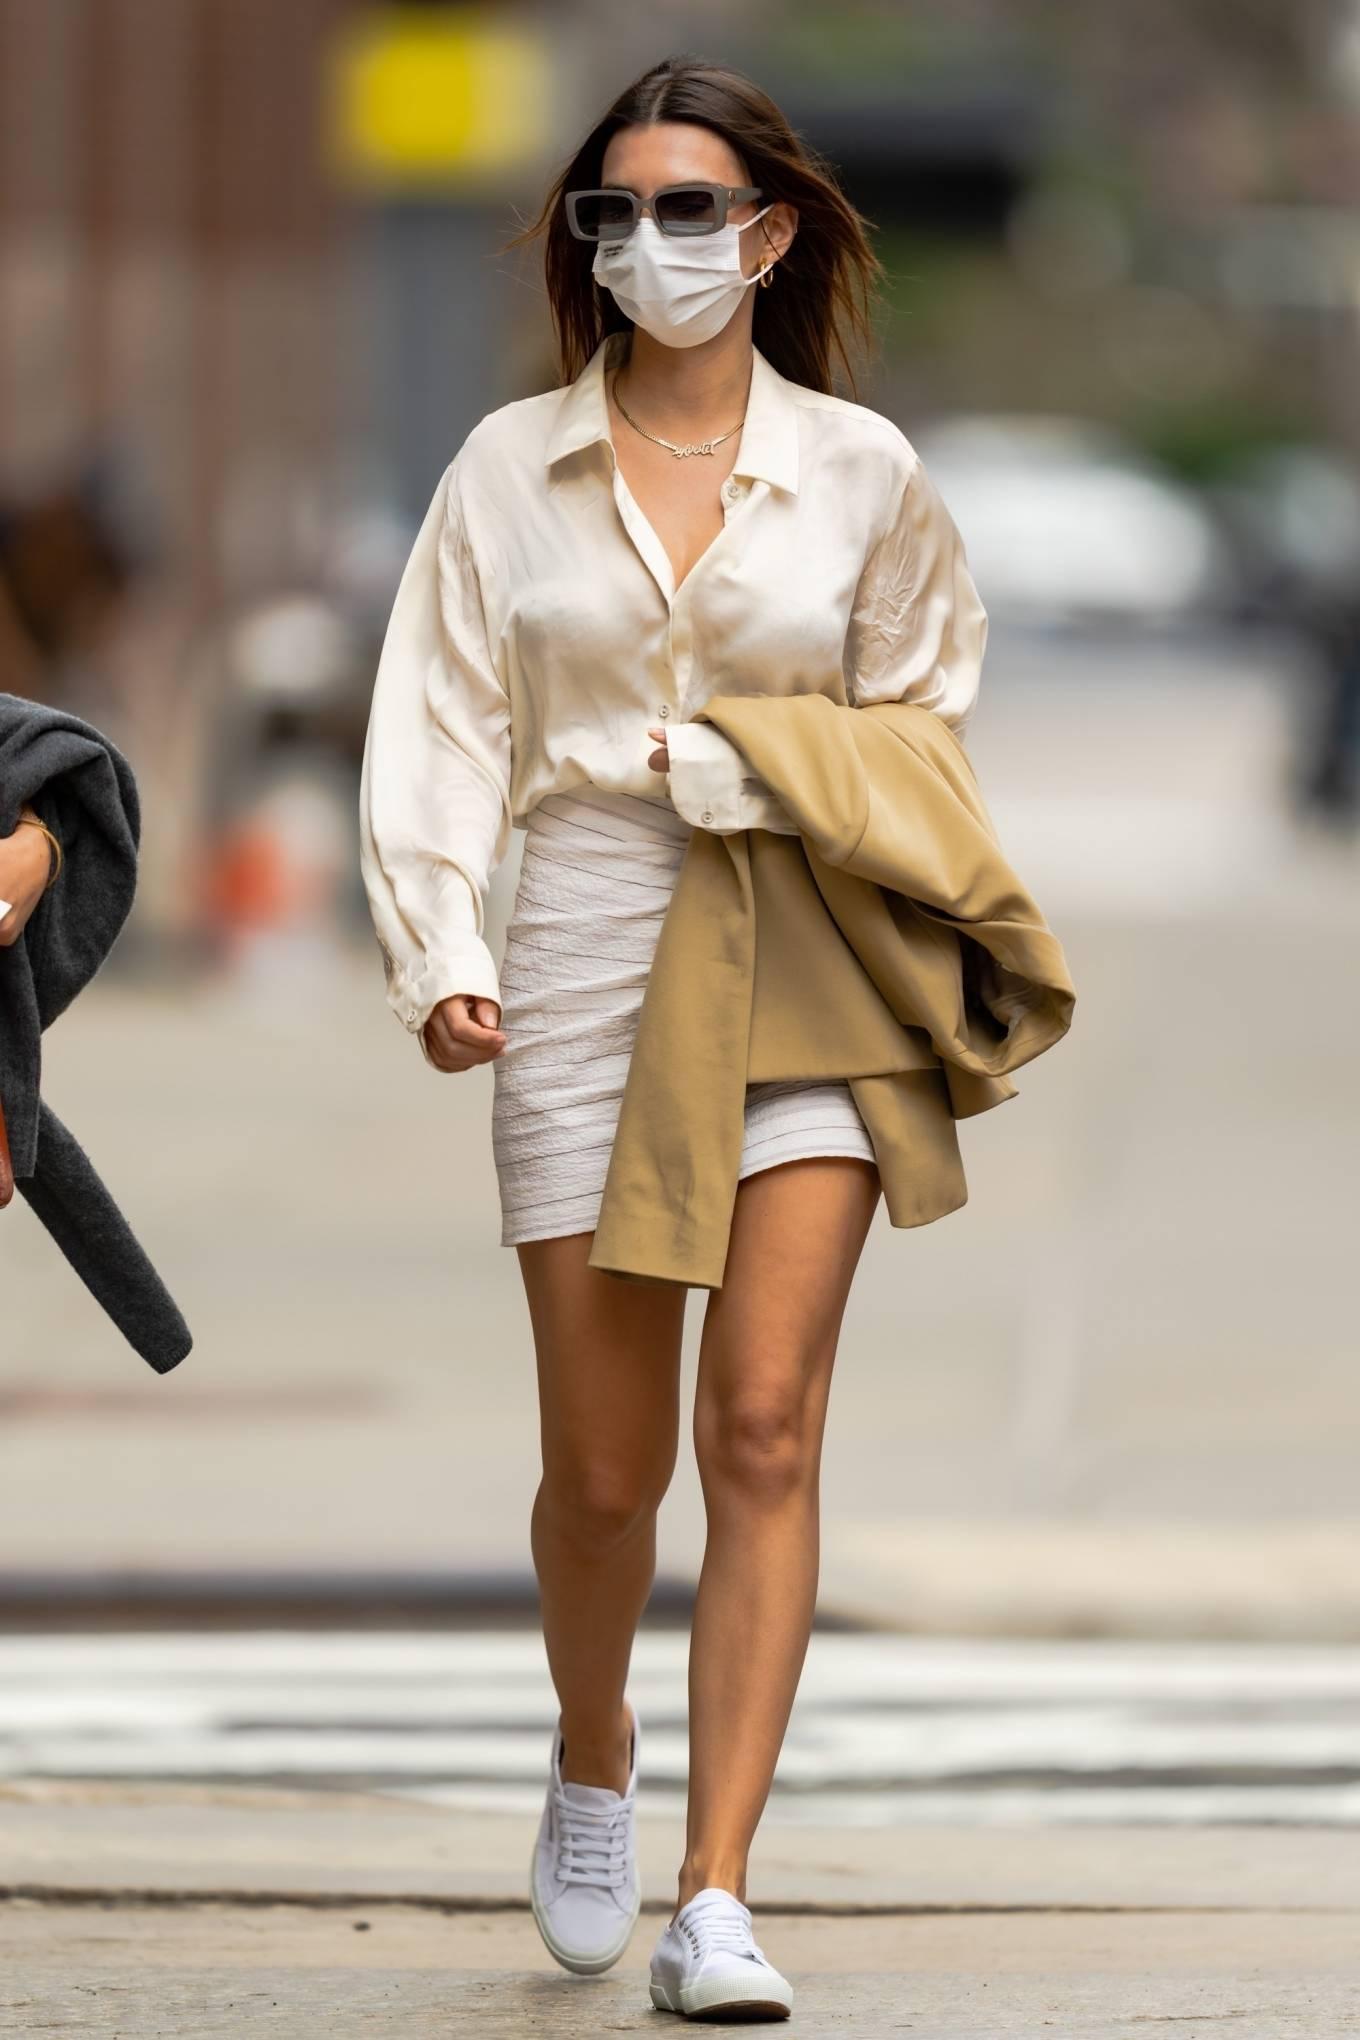 Emily Ratajkowski 2021 : Emily Ratajkowski – In white mini skirt out for a walk in New York-10